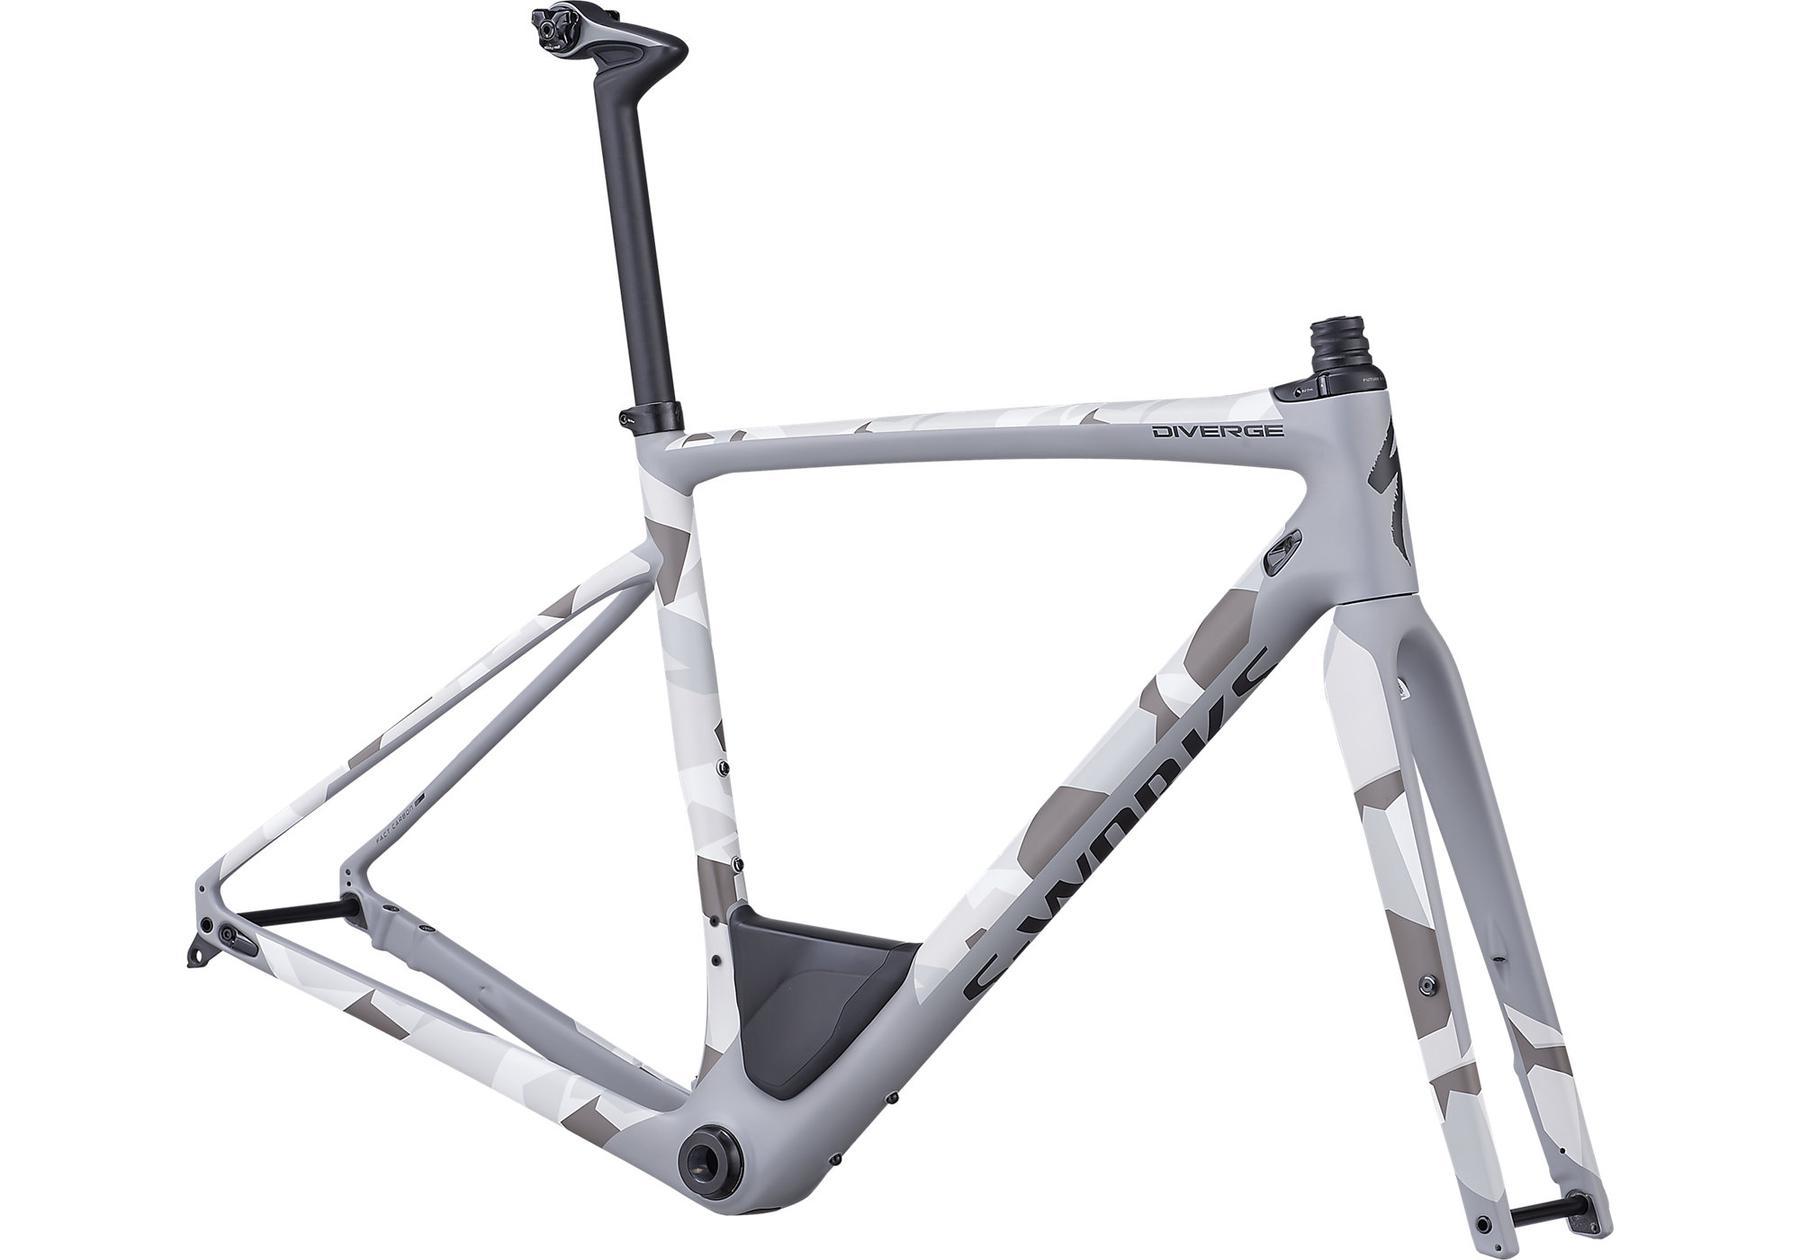 Specialized S-Works Diverge Rahmenset Fahrradrahmen Rennrad 2019